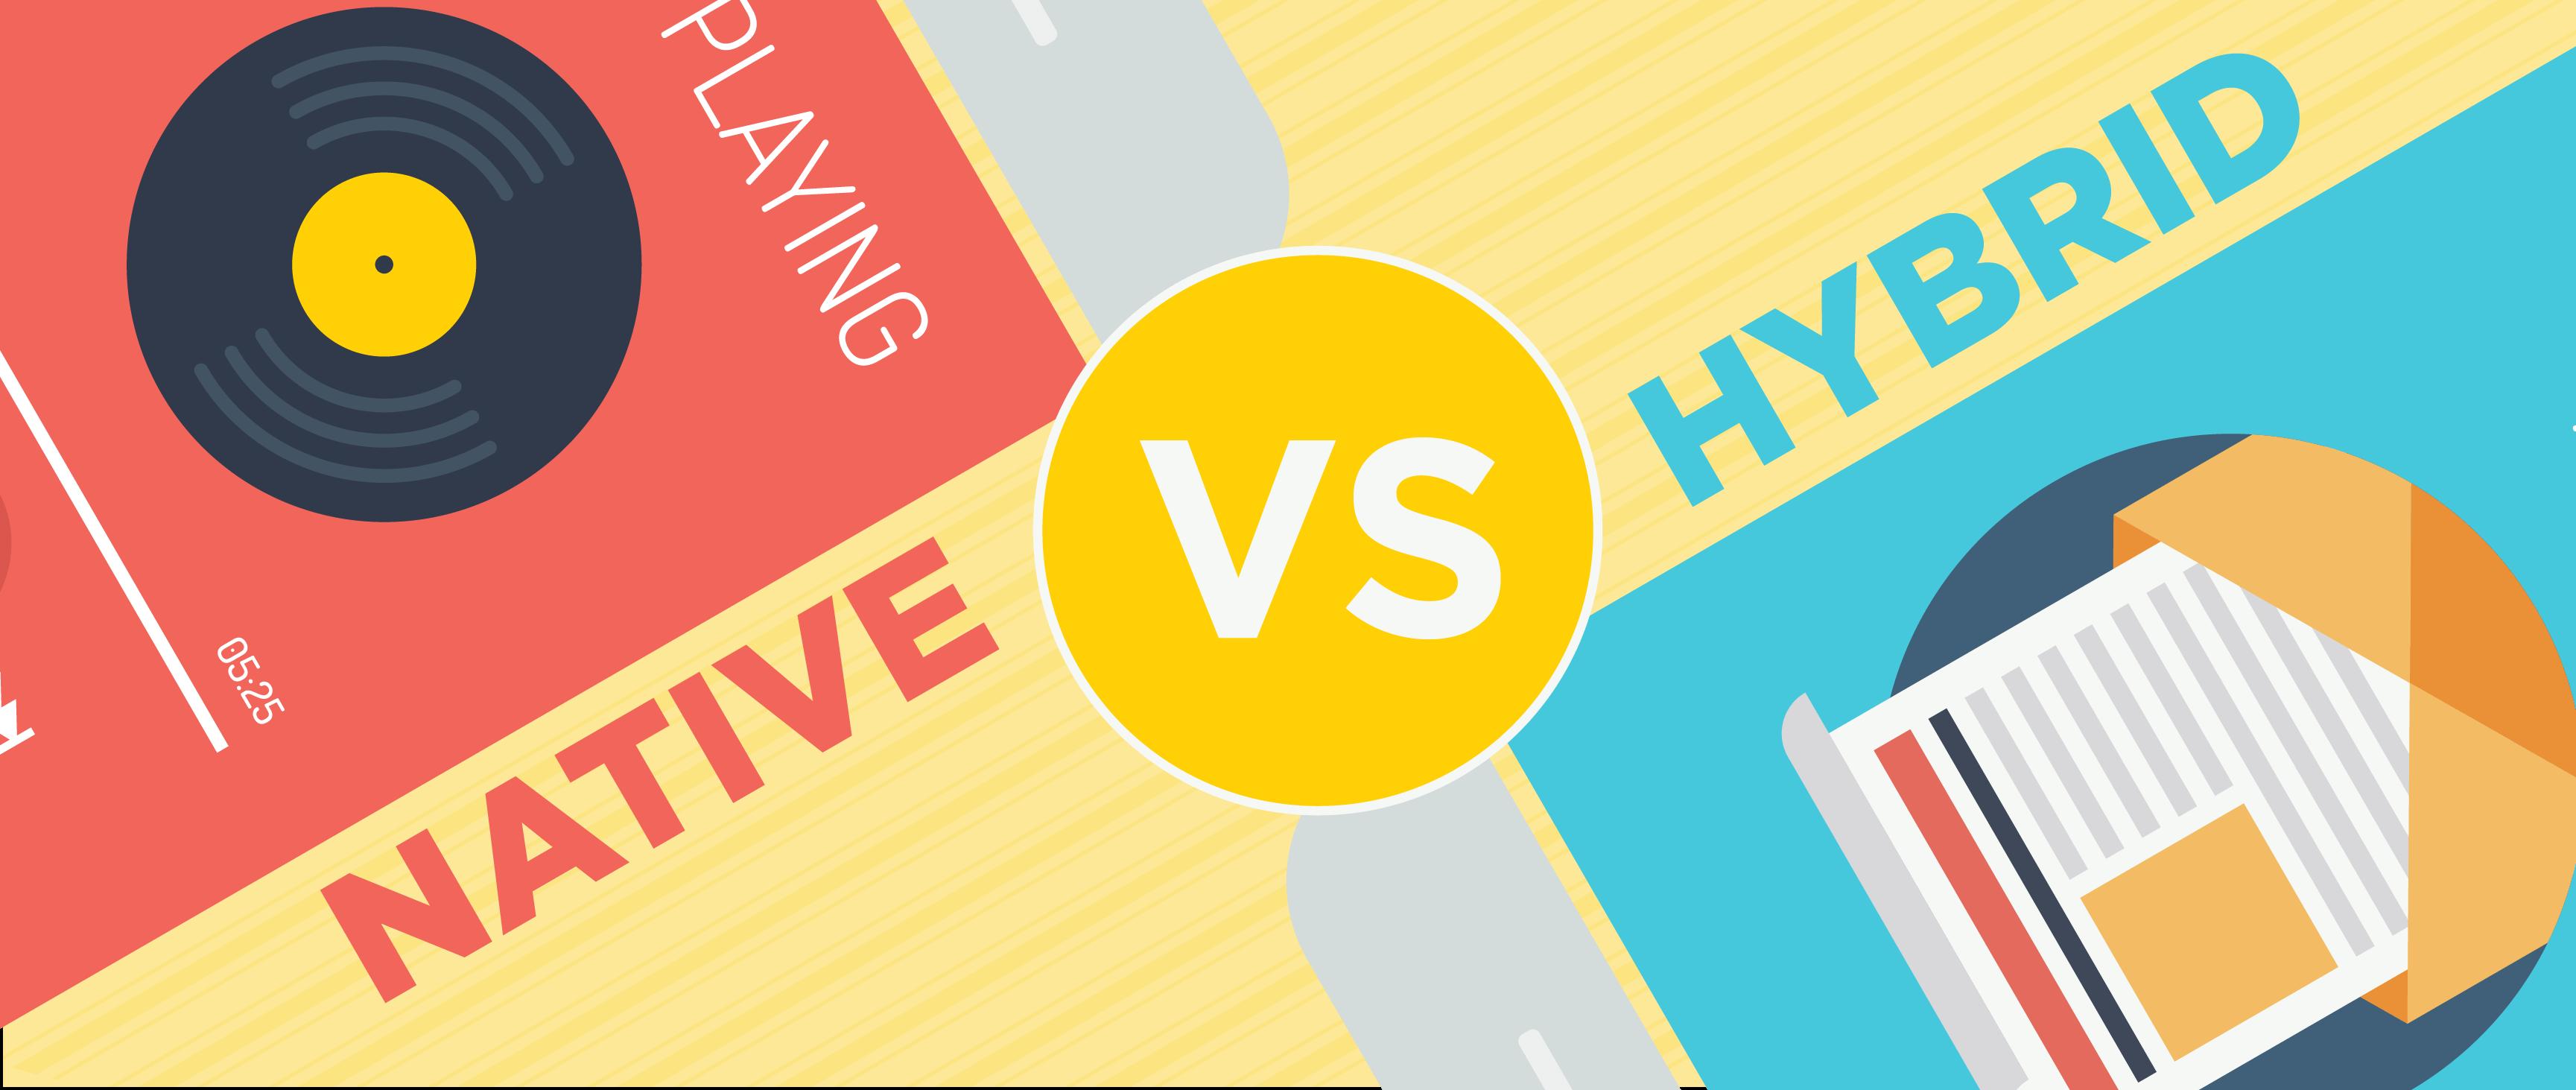 native-vs-hybrid-apps